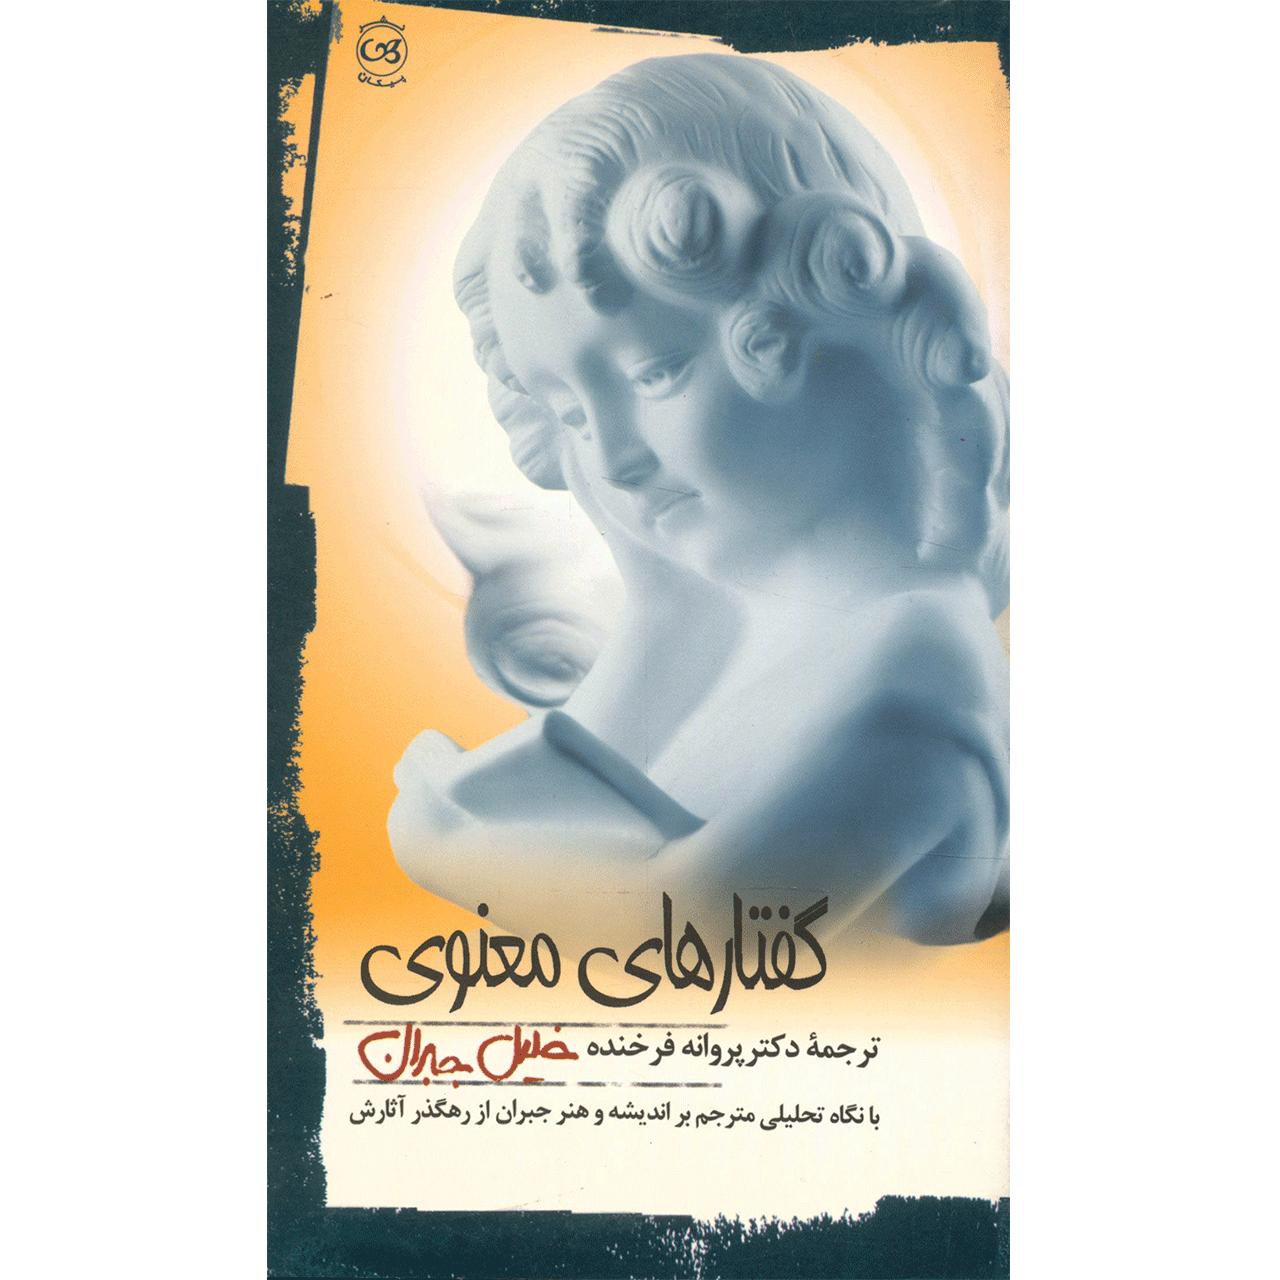 کتاب گفتارهای معنوی اثر خلیل جبران